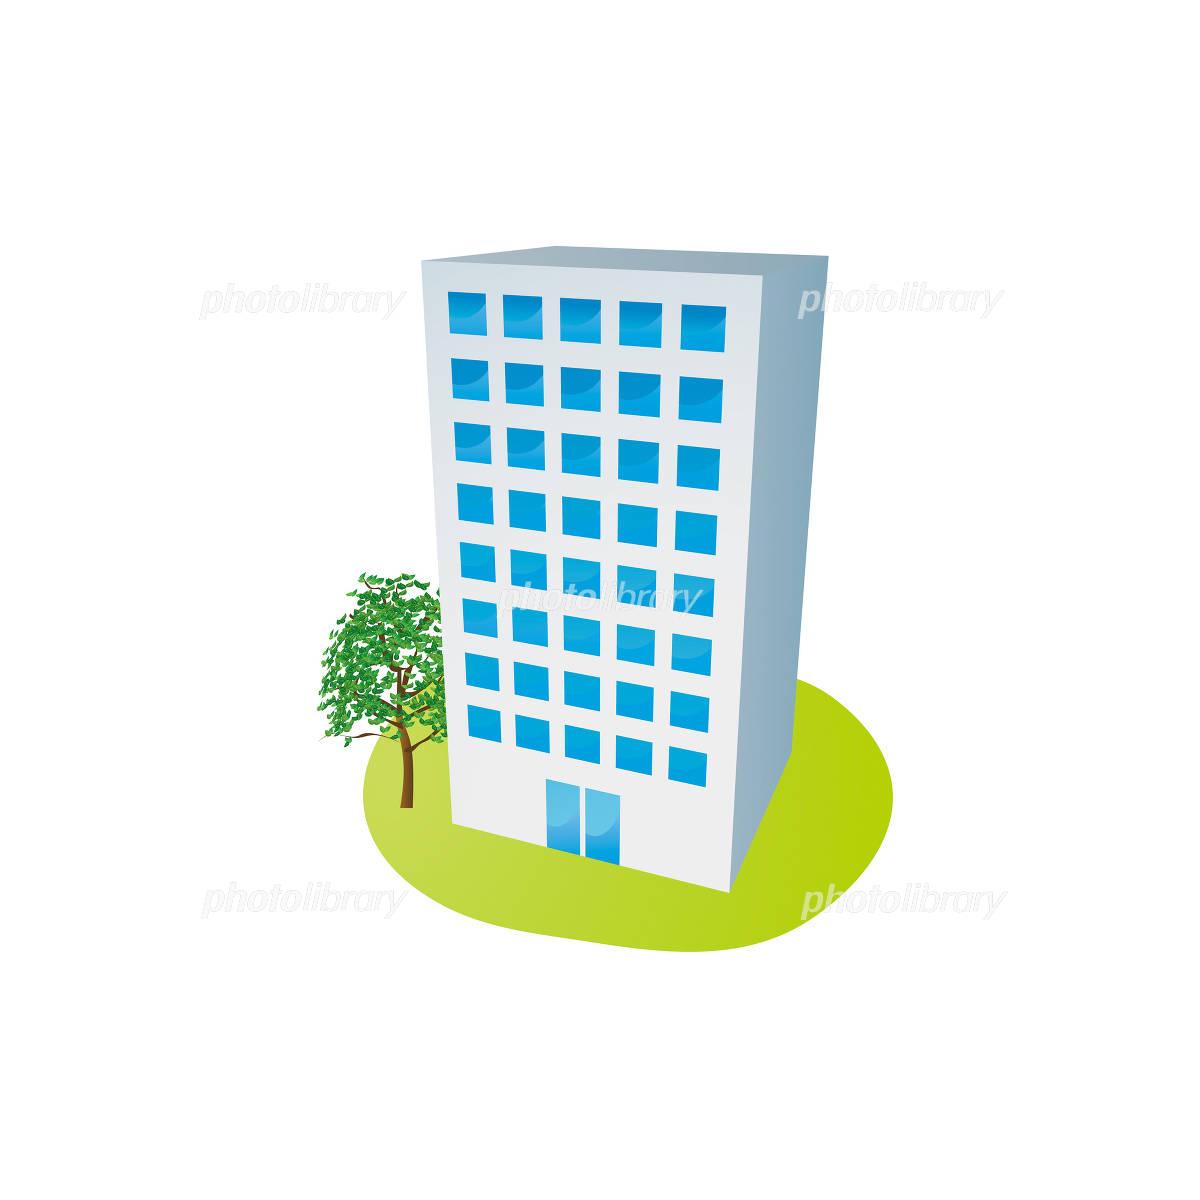 ビル、会社のイラスト-写真素材 ビル、会社のイラスト 画像ID 1083509  ビル、会社のイ